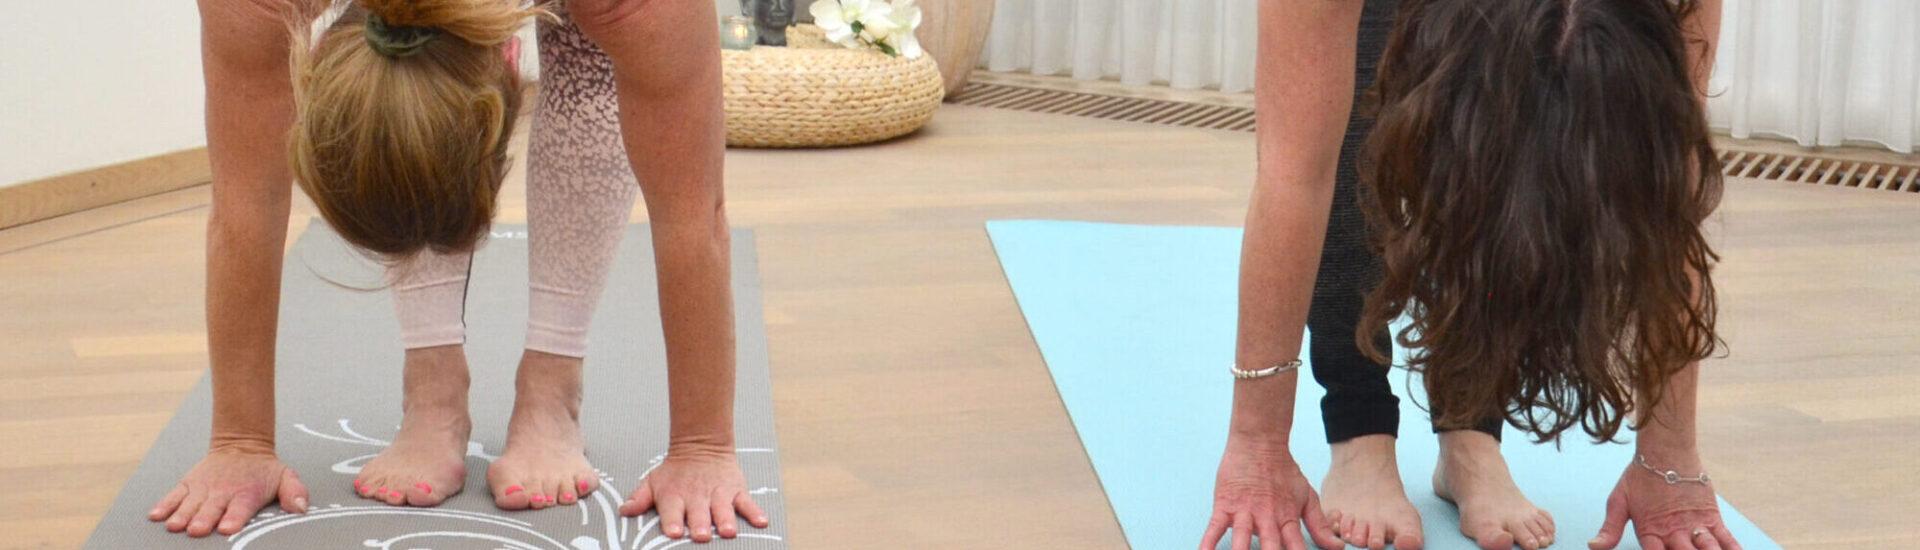 Inner-Fit Yoga danglin DSC_1951